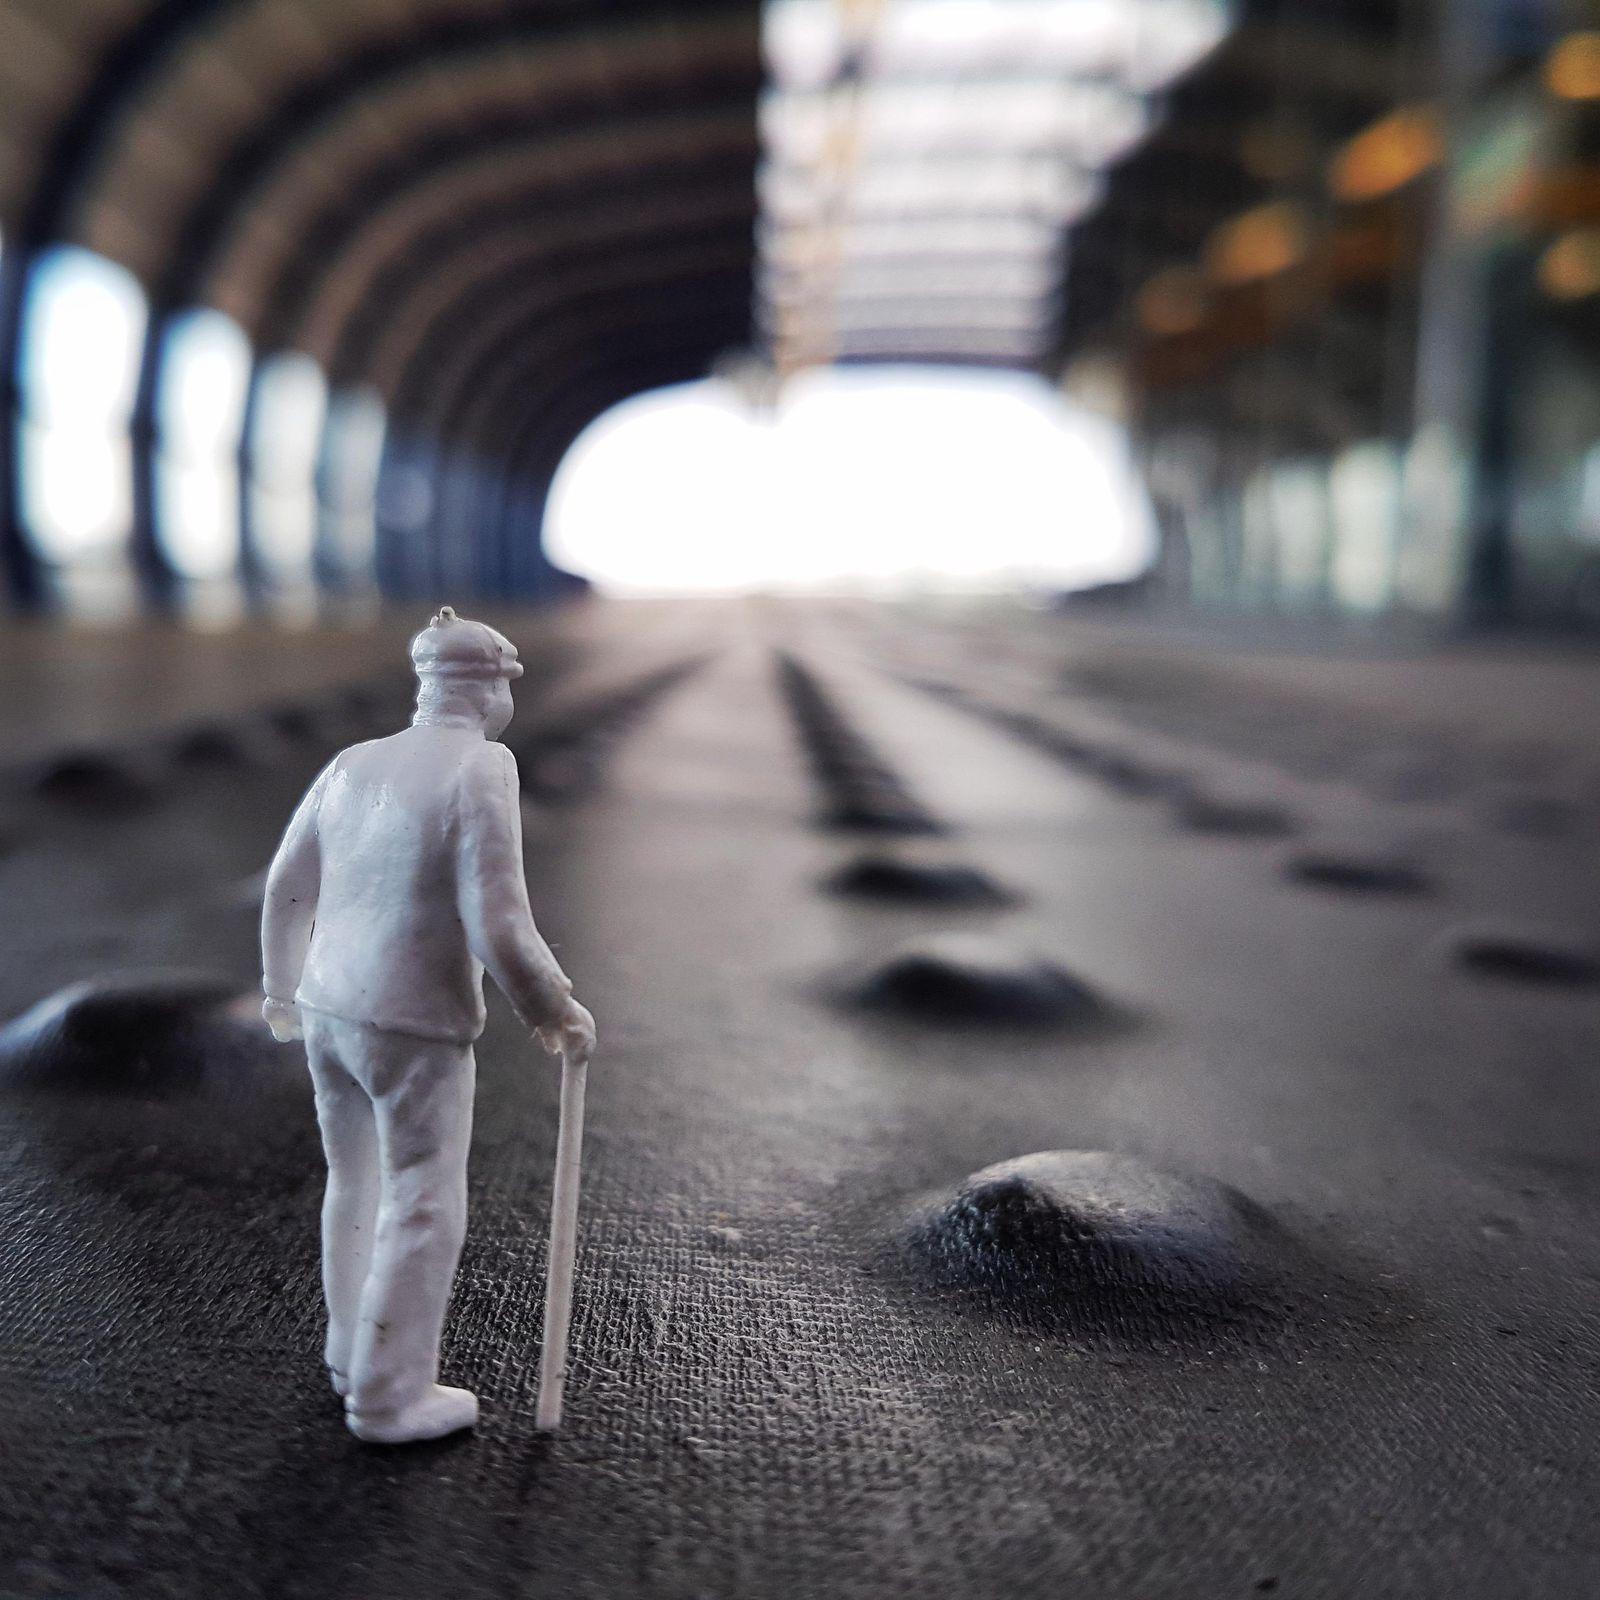 A bumpy road ahead